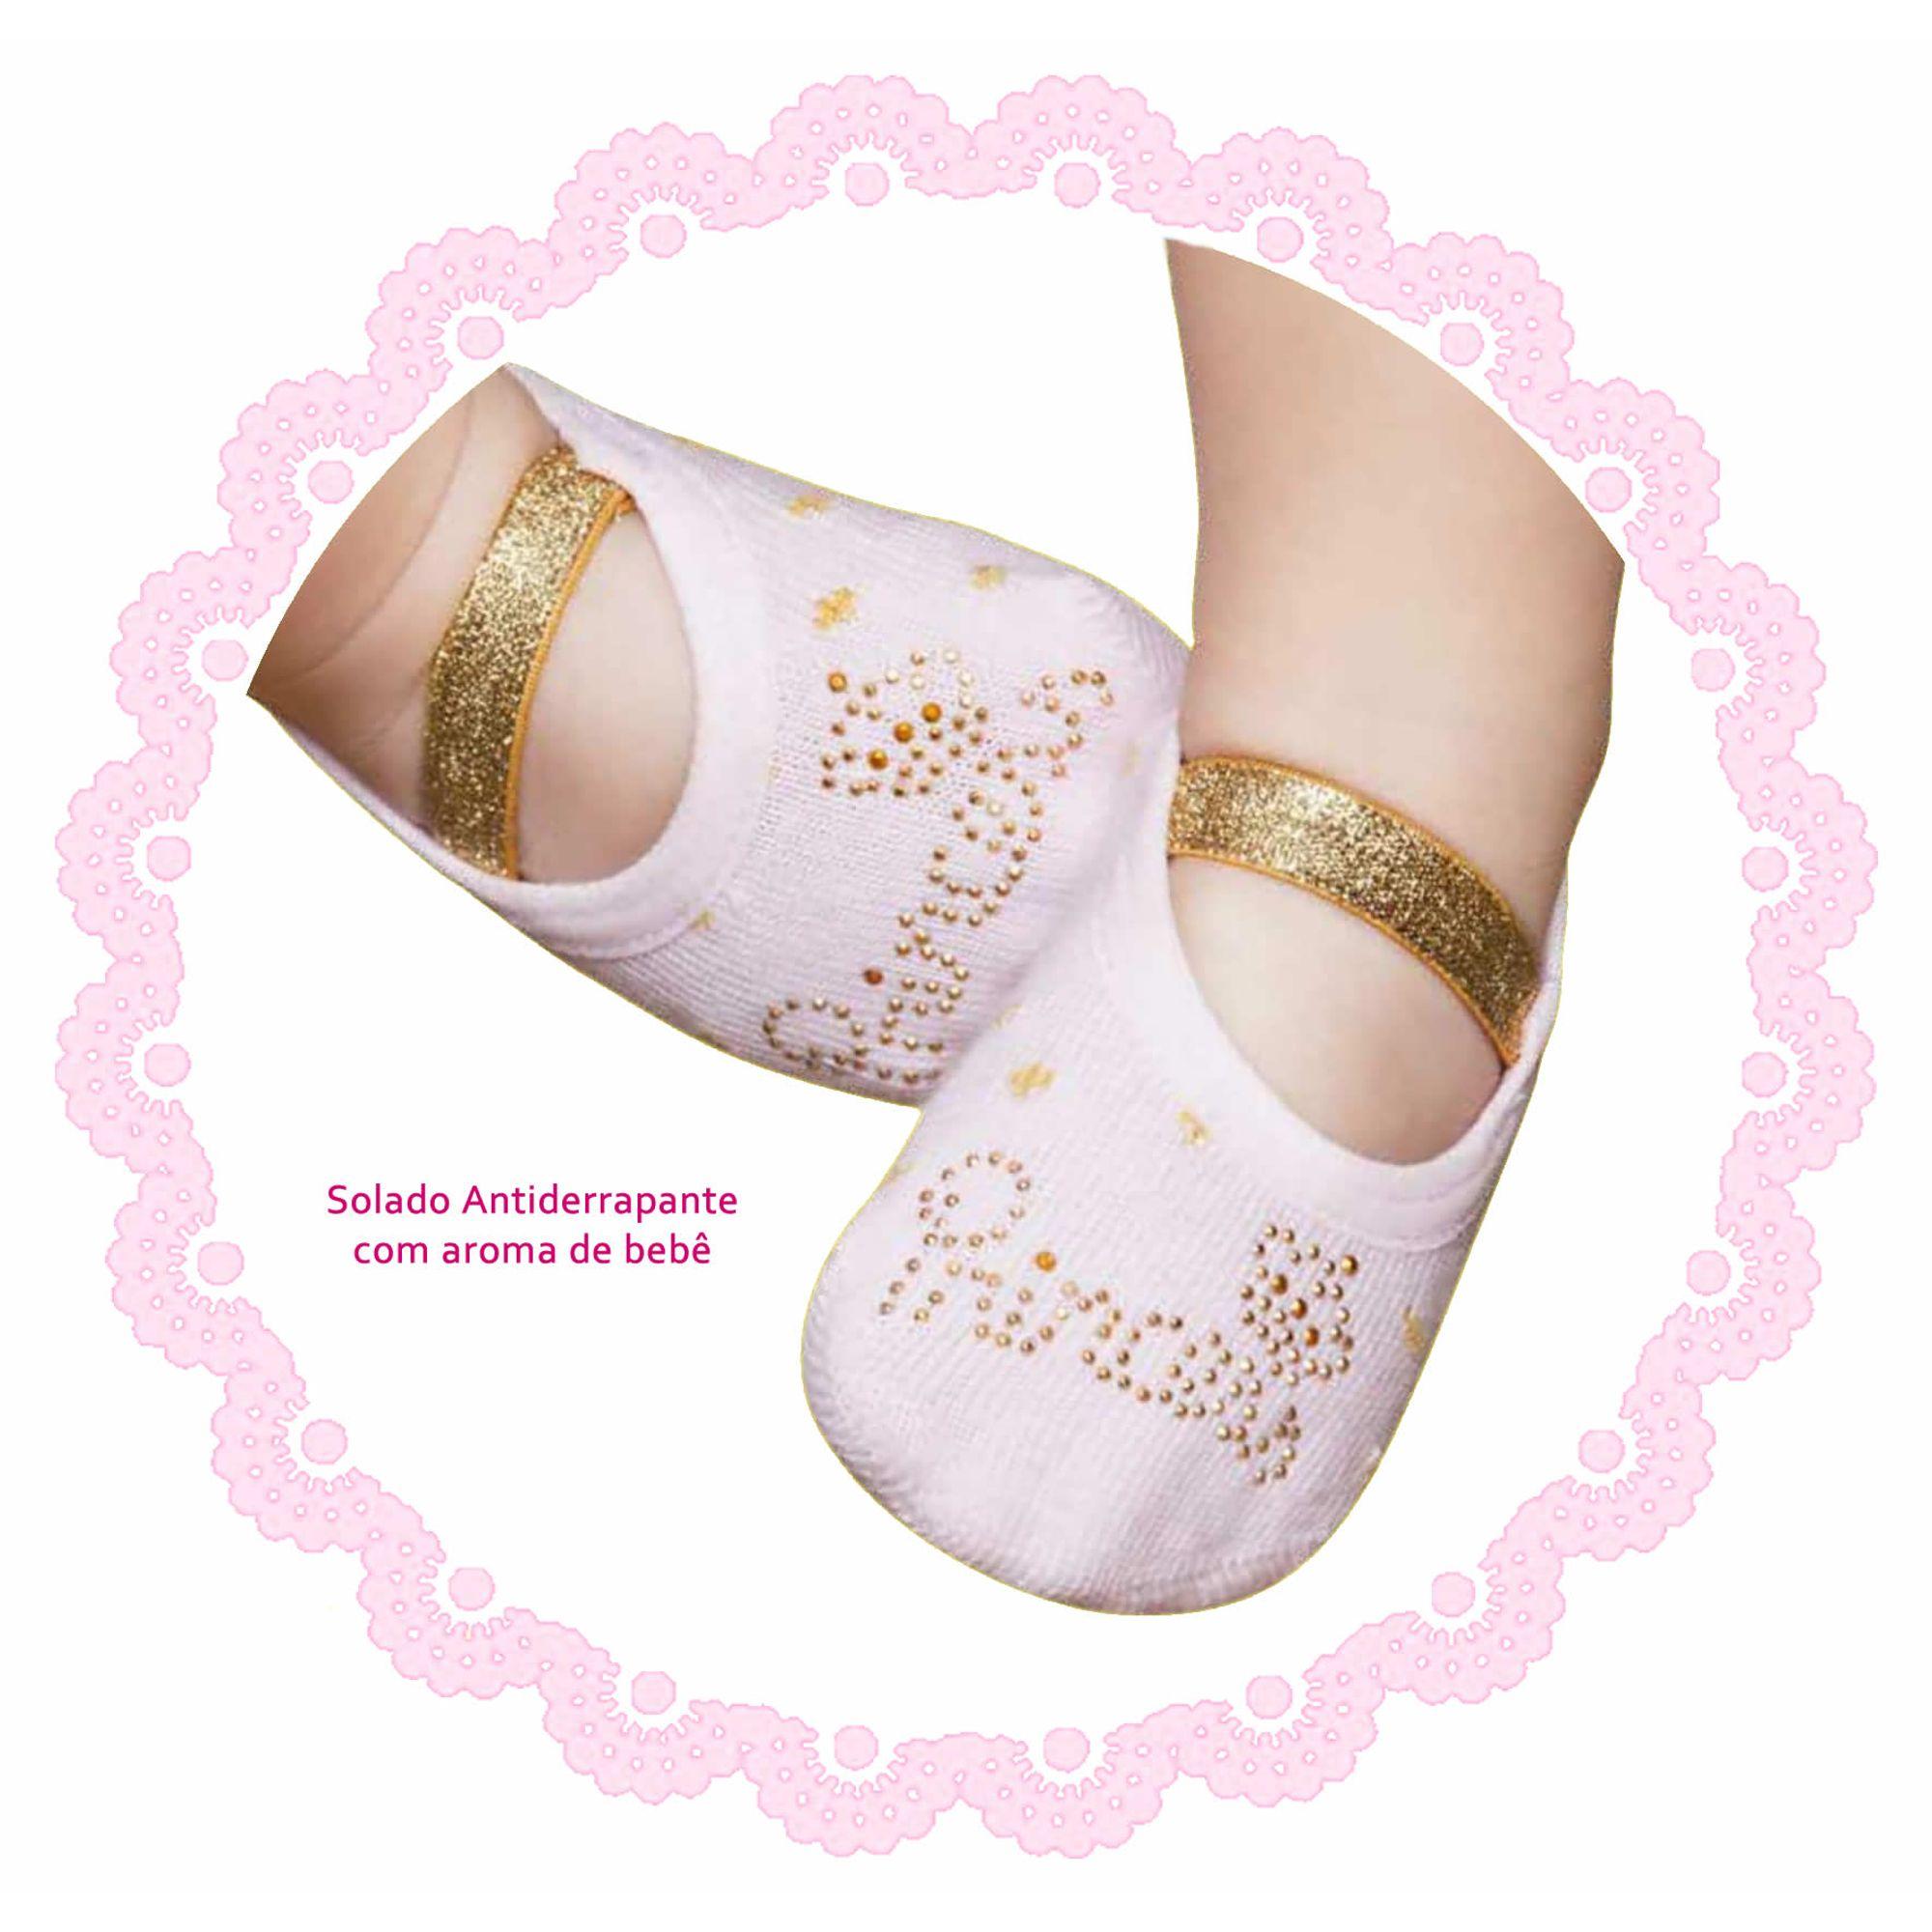 meia-sapatilha-boneca-bebe-princesa-rosa-claro-com-dourado-puket